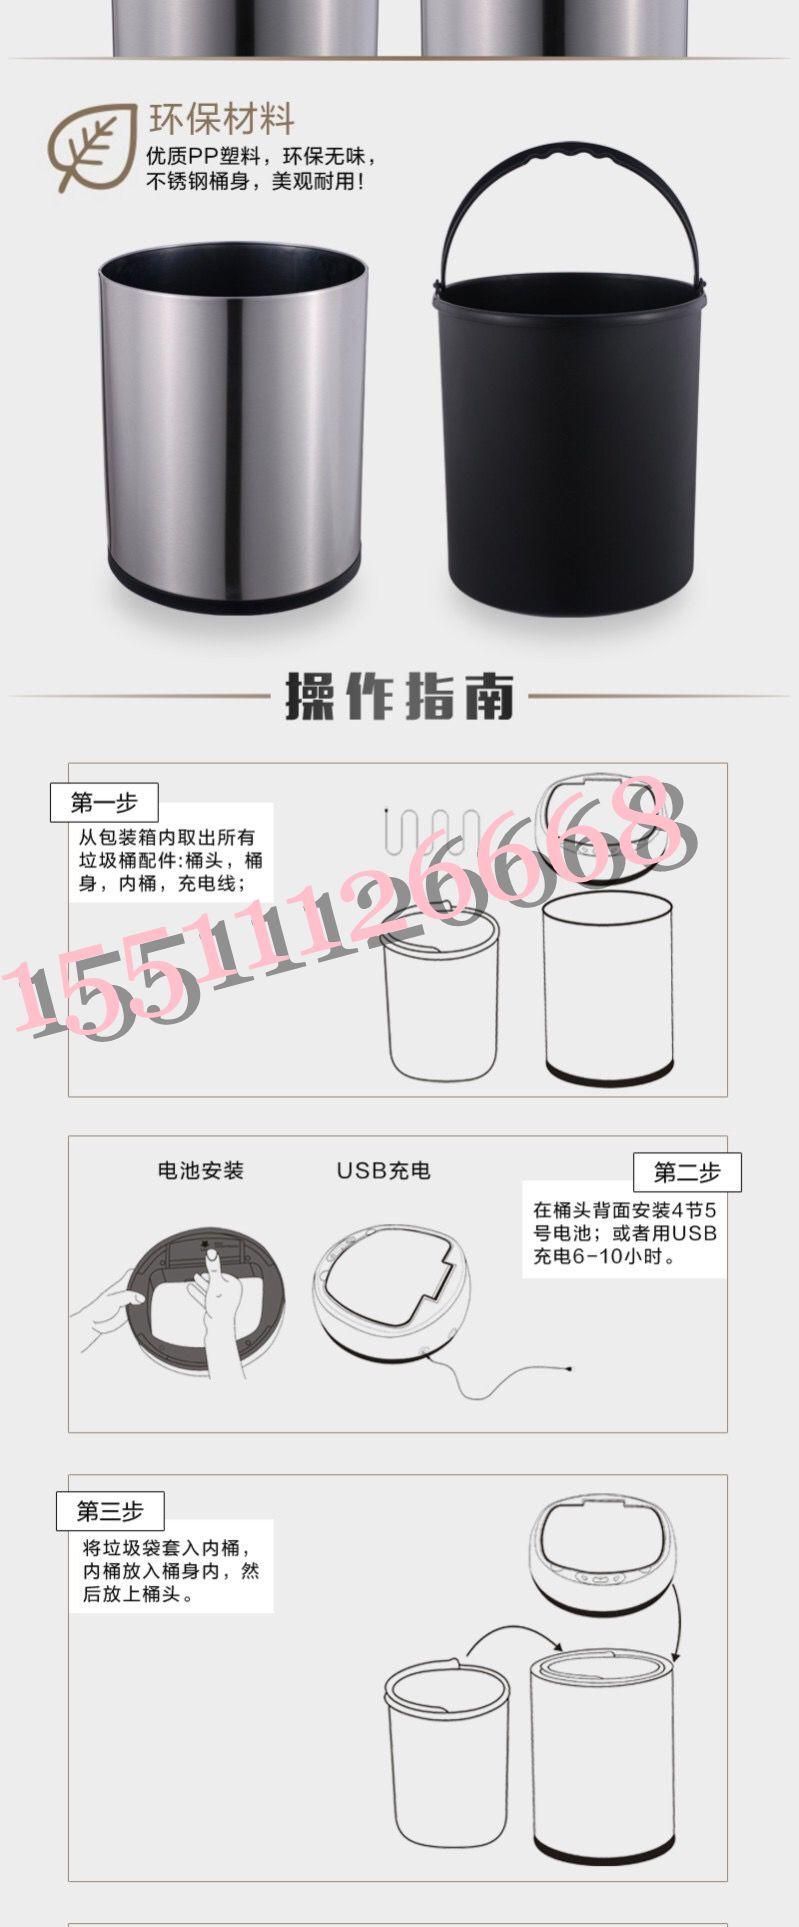 北京自动智能垃圾桶厂家_北京自动智能垃圾桶厂家哪家